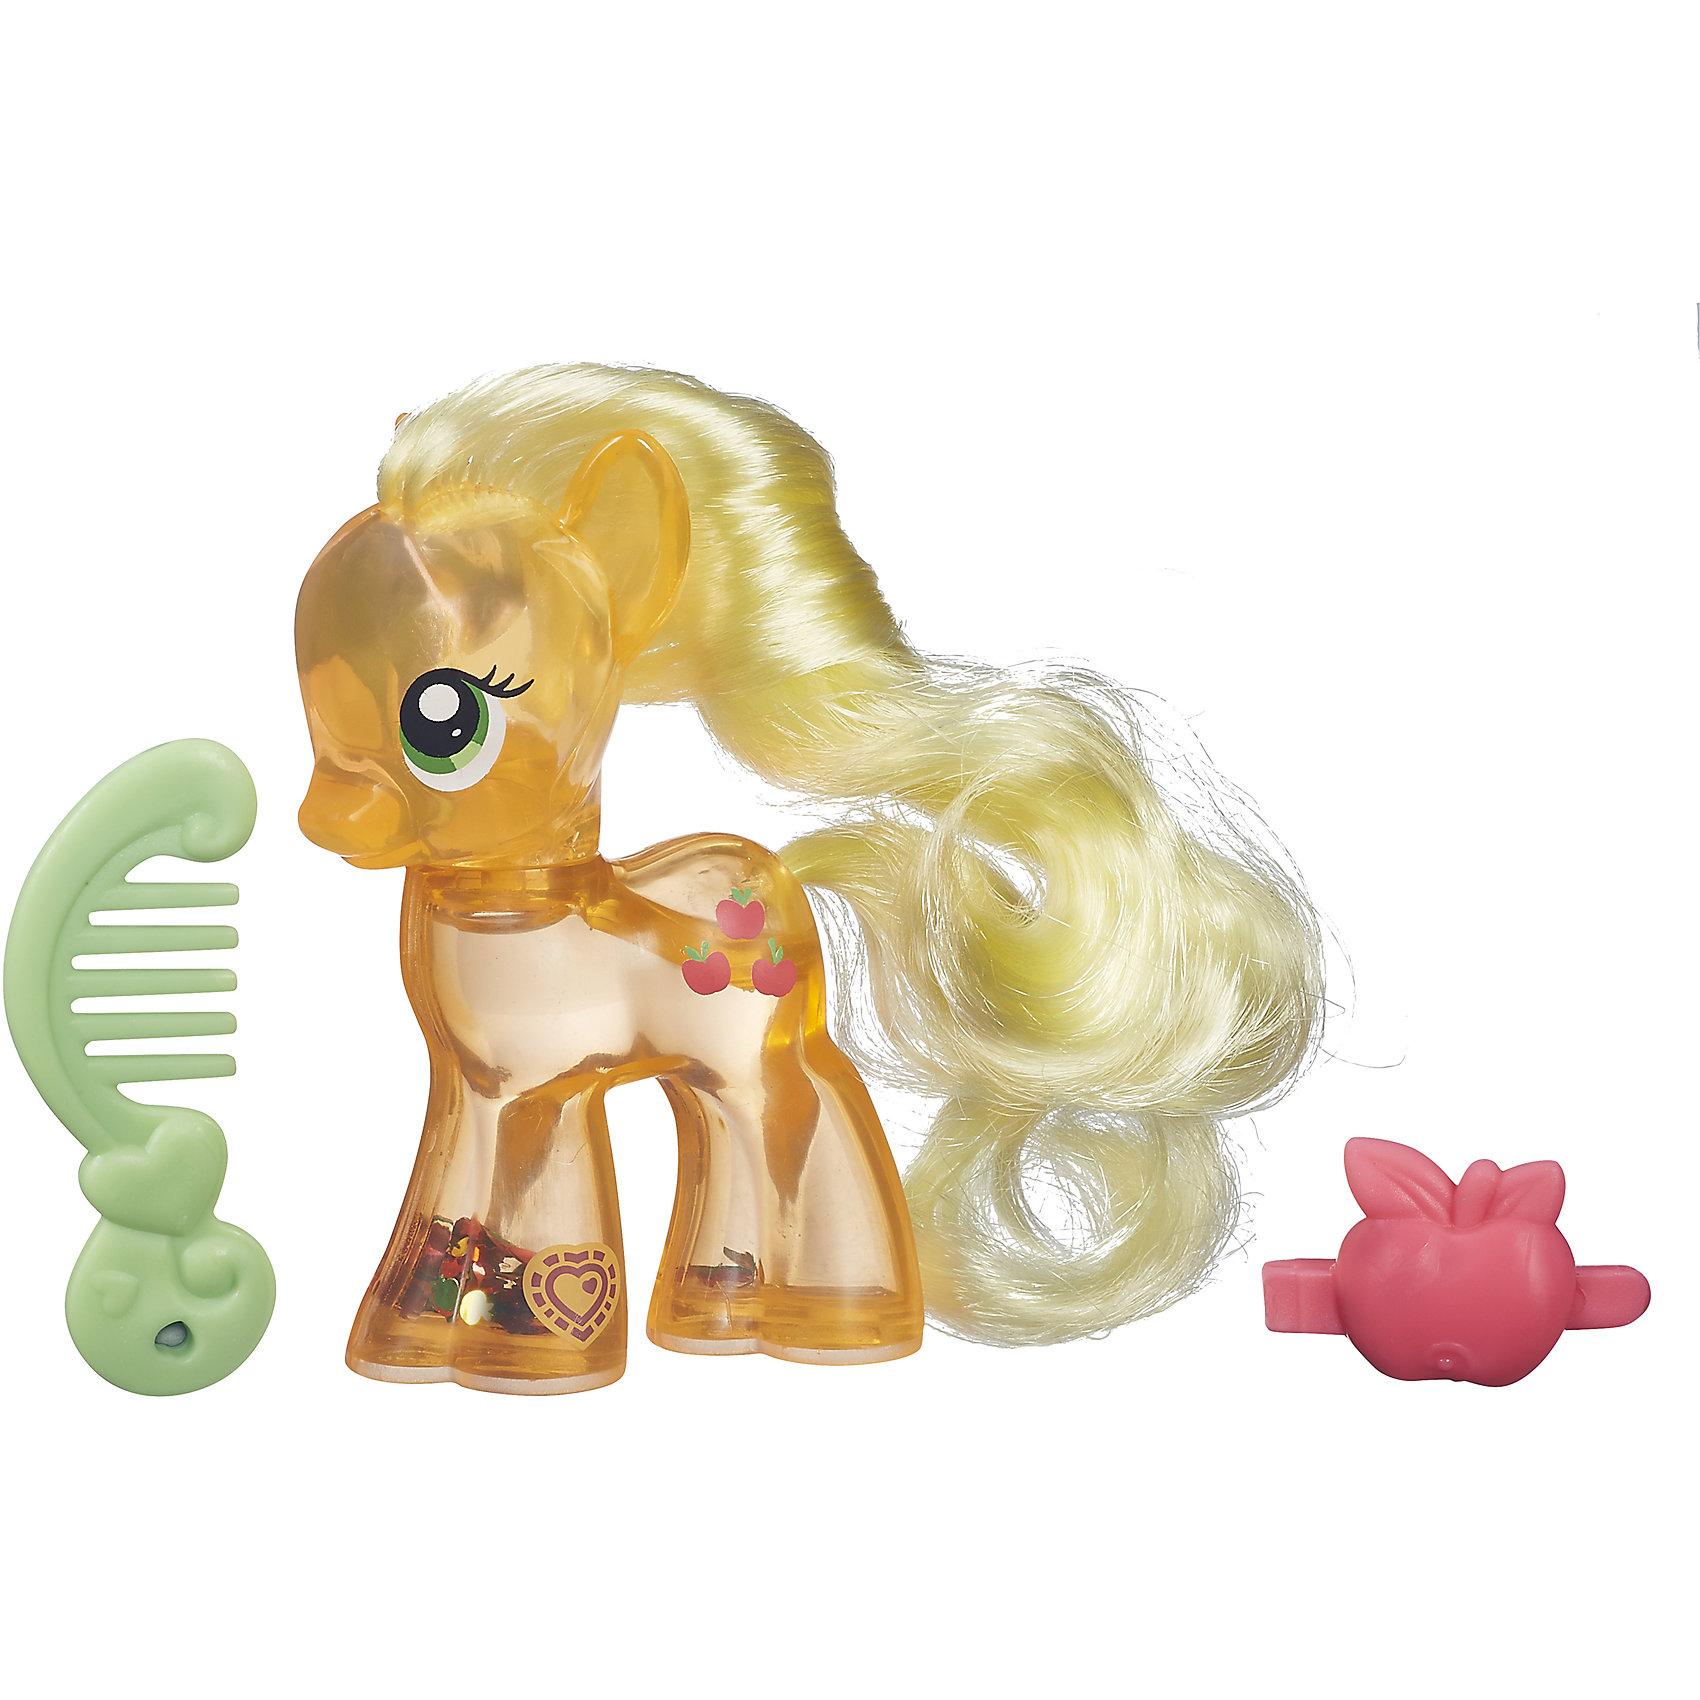 Пони с блестками My Little Pony: Cutie Mark Magic - ЭпплджекПони с блестками, My little Pony (Моя маленькая Пони), B0357/B5416.<br><br>Характеристика:<br><br>• Вид игр: сюжетно-ролевые, коллекционирование<br>• Пол: для девочек<br>• Коллекция: My little Pony<br>• Материал: пластик, нейлон<br>• Цвет: желтый, красный, зеленый<br>• Высота фигурки: 7 см<br>• Комплектация: пони, гребень, заколка<br>• На фигурке сканируемая бирка, которая открывает доступ и дополнительные возможности в бесплатном мобильном приложении My Little Pony <br>• Вес в упаковке: 70 г<br>• Размеры упаковки (Г*Ш*В): 13,8*4,4*17 см<br>• Упаковка: картонная коробка с блистером и европодвесом<br><br>Очаровательная маленькая лошадка Эпплждек приведет в восторг всех поклонников My little Pony (Май литл Пони). Игрушка наполнена специальной жидкостью с блестками, которая переливается и мерцает, если пони перевернуть или потрясти. На голове у лошадки роскошная грива, которую можно расчёсывать специальной маленькой расческой и украшать оригинальной маленькой заколкой.<br>Игрушка изготовлена из экологичных нетоксичных материалов безопасных для детей.<br><br>Пони с блестками, My little Pony (Моя маленькая Пони), B0357/B5416, можно купить в нашем интернет-магазине<br><br>Ширина мм: 44<br>Глубина мм: 138<br>Высота мм: 170<br>Вес г: 350<br>Возраст от месяцев: 36<br>Возраст до месяцев: 72<br>Пол: Женский<br>Возраст: Детский<br>SKU: 5352849